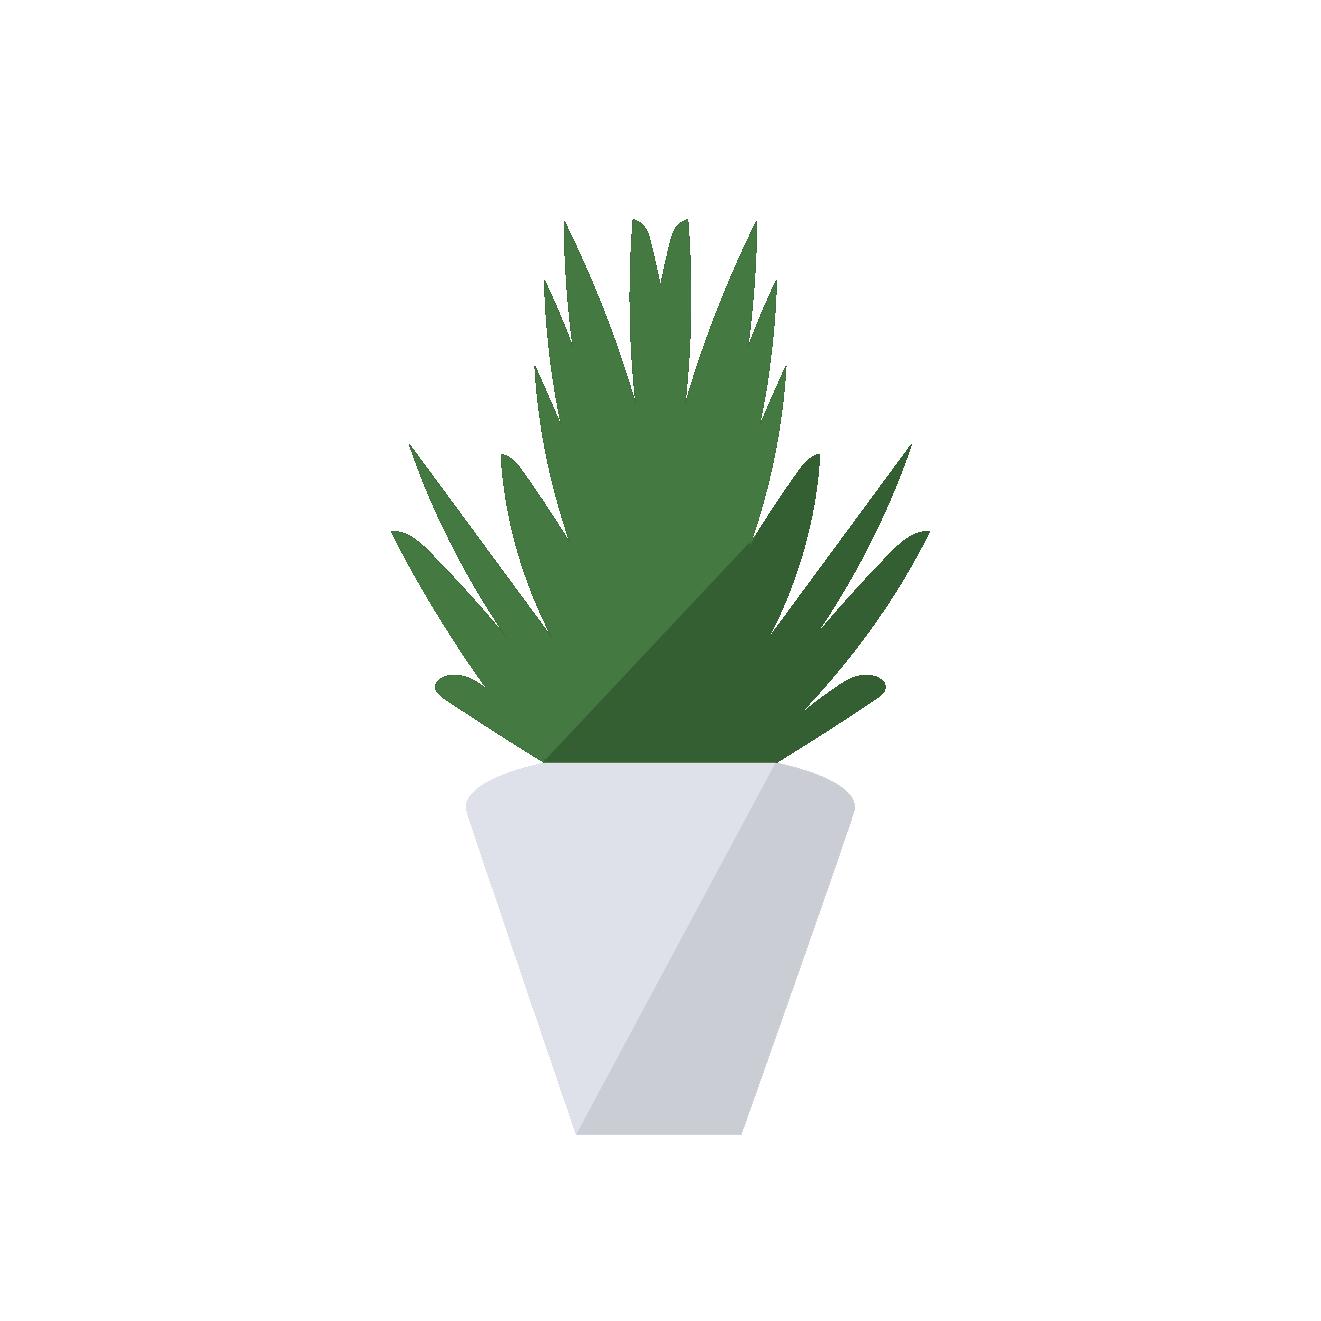 かわいい &おしゃれ!観葉植物の フリー イラスト【植物・グリーン】